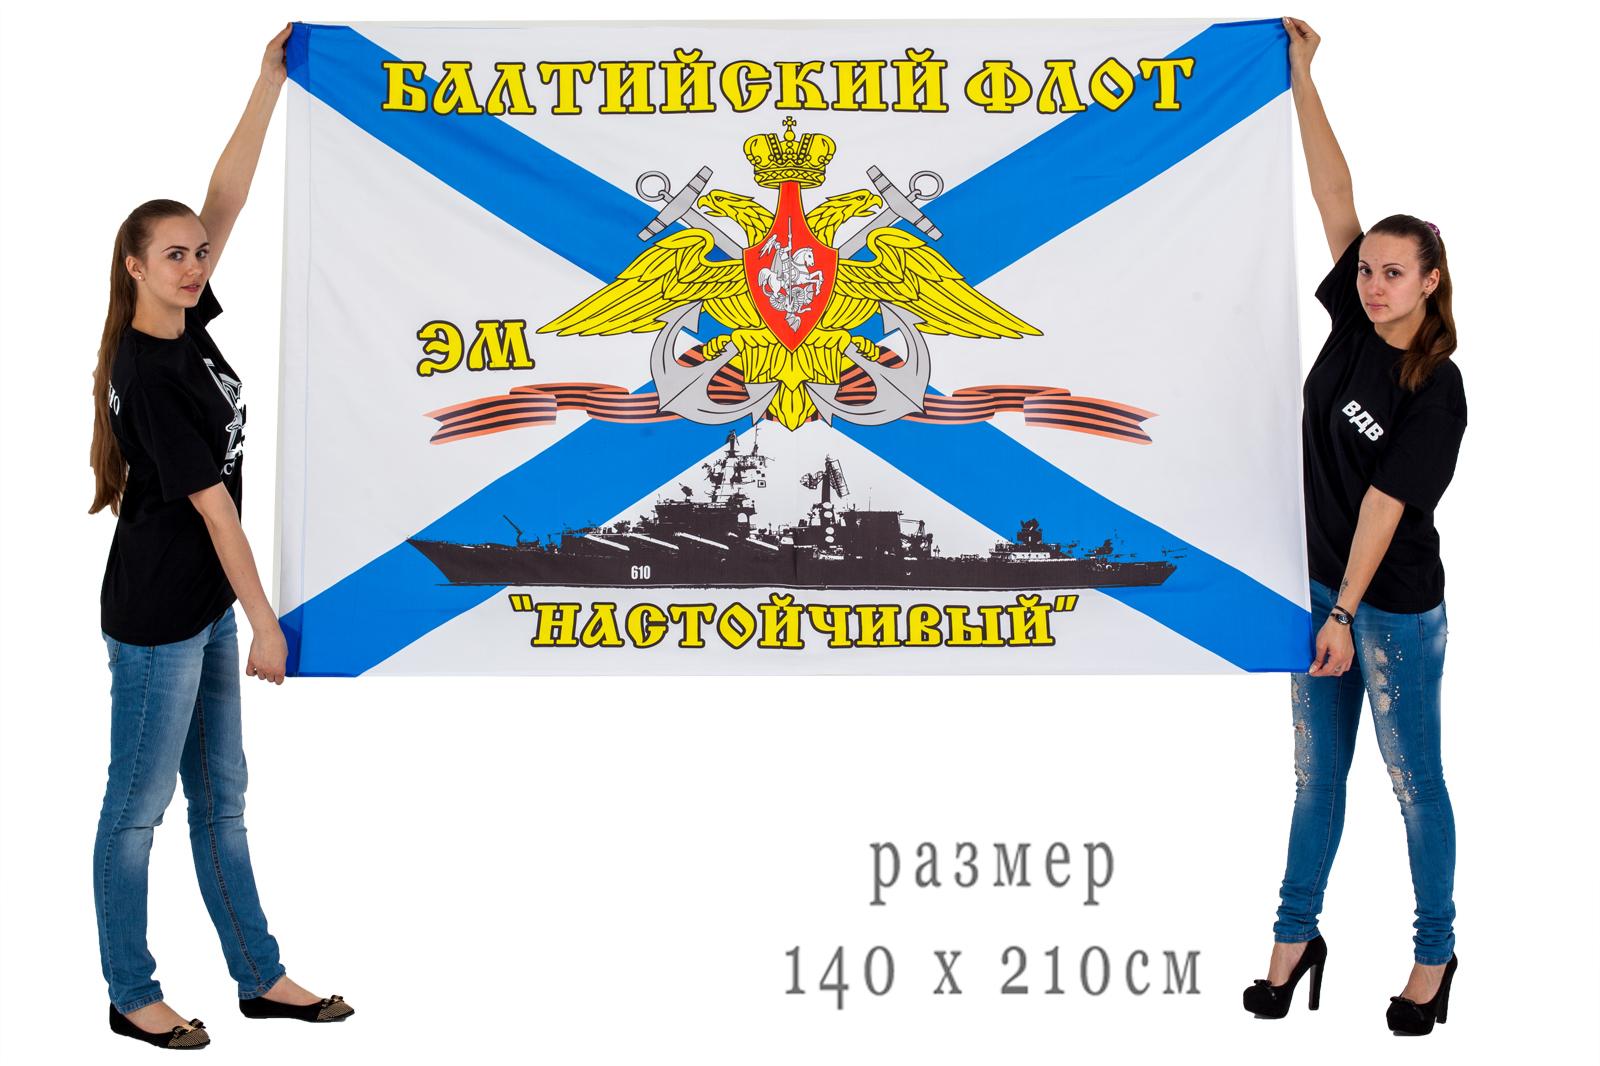 Большой флаг ЭМ «Настойчивый»